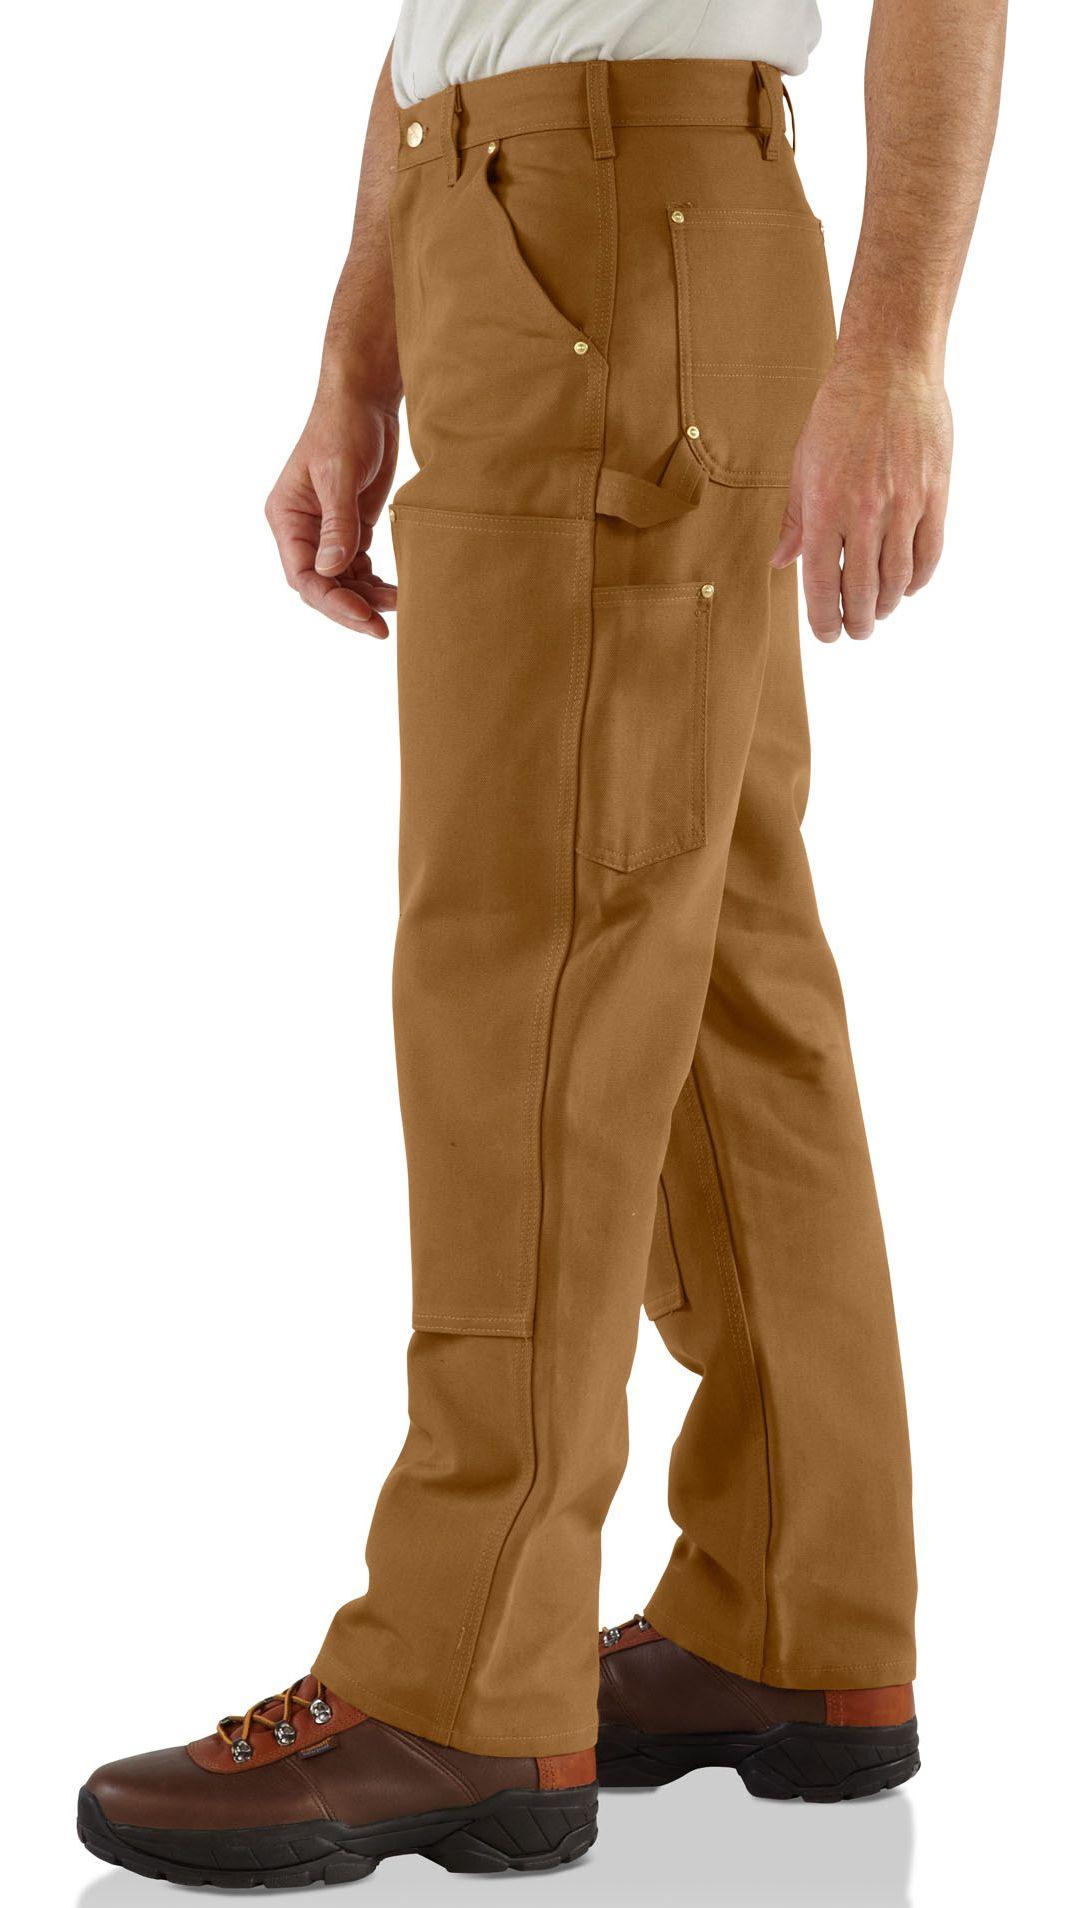 Carhartt USA Work wear duck canvas B01-BRN Original Men/'s Size 42 x 34 NEW